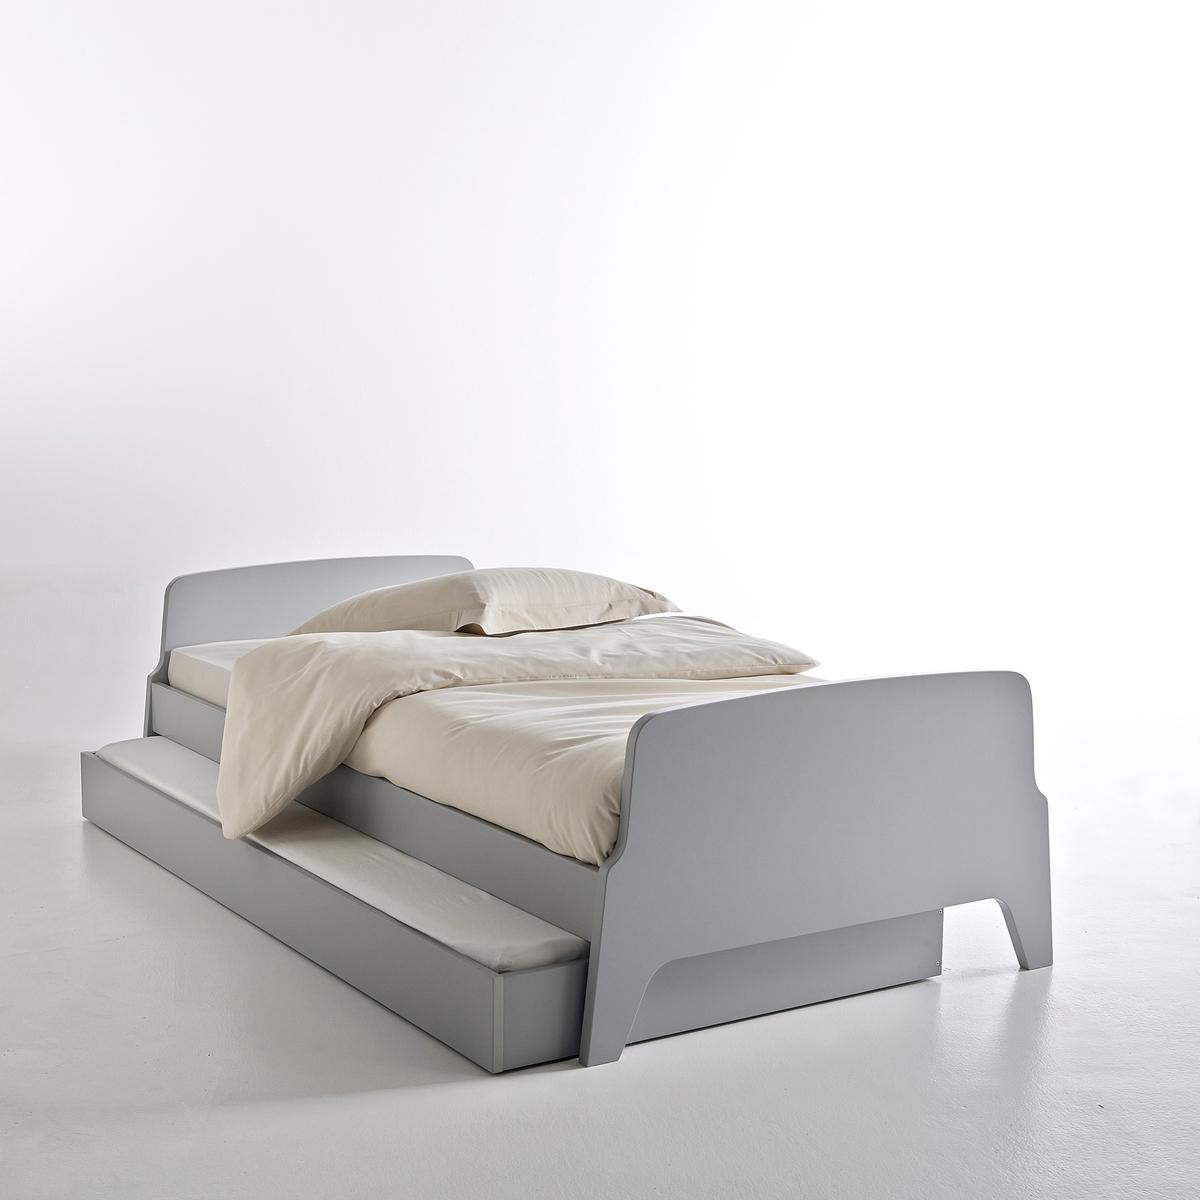 Кровать La Redoute -сп в винтажном стиле Adil 90 x 190 см серый кровать la redoute douv 140 x 190 см серый